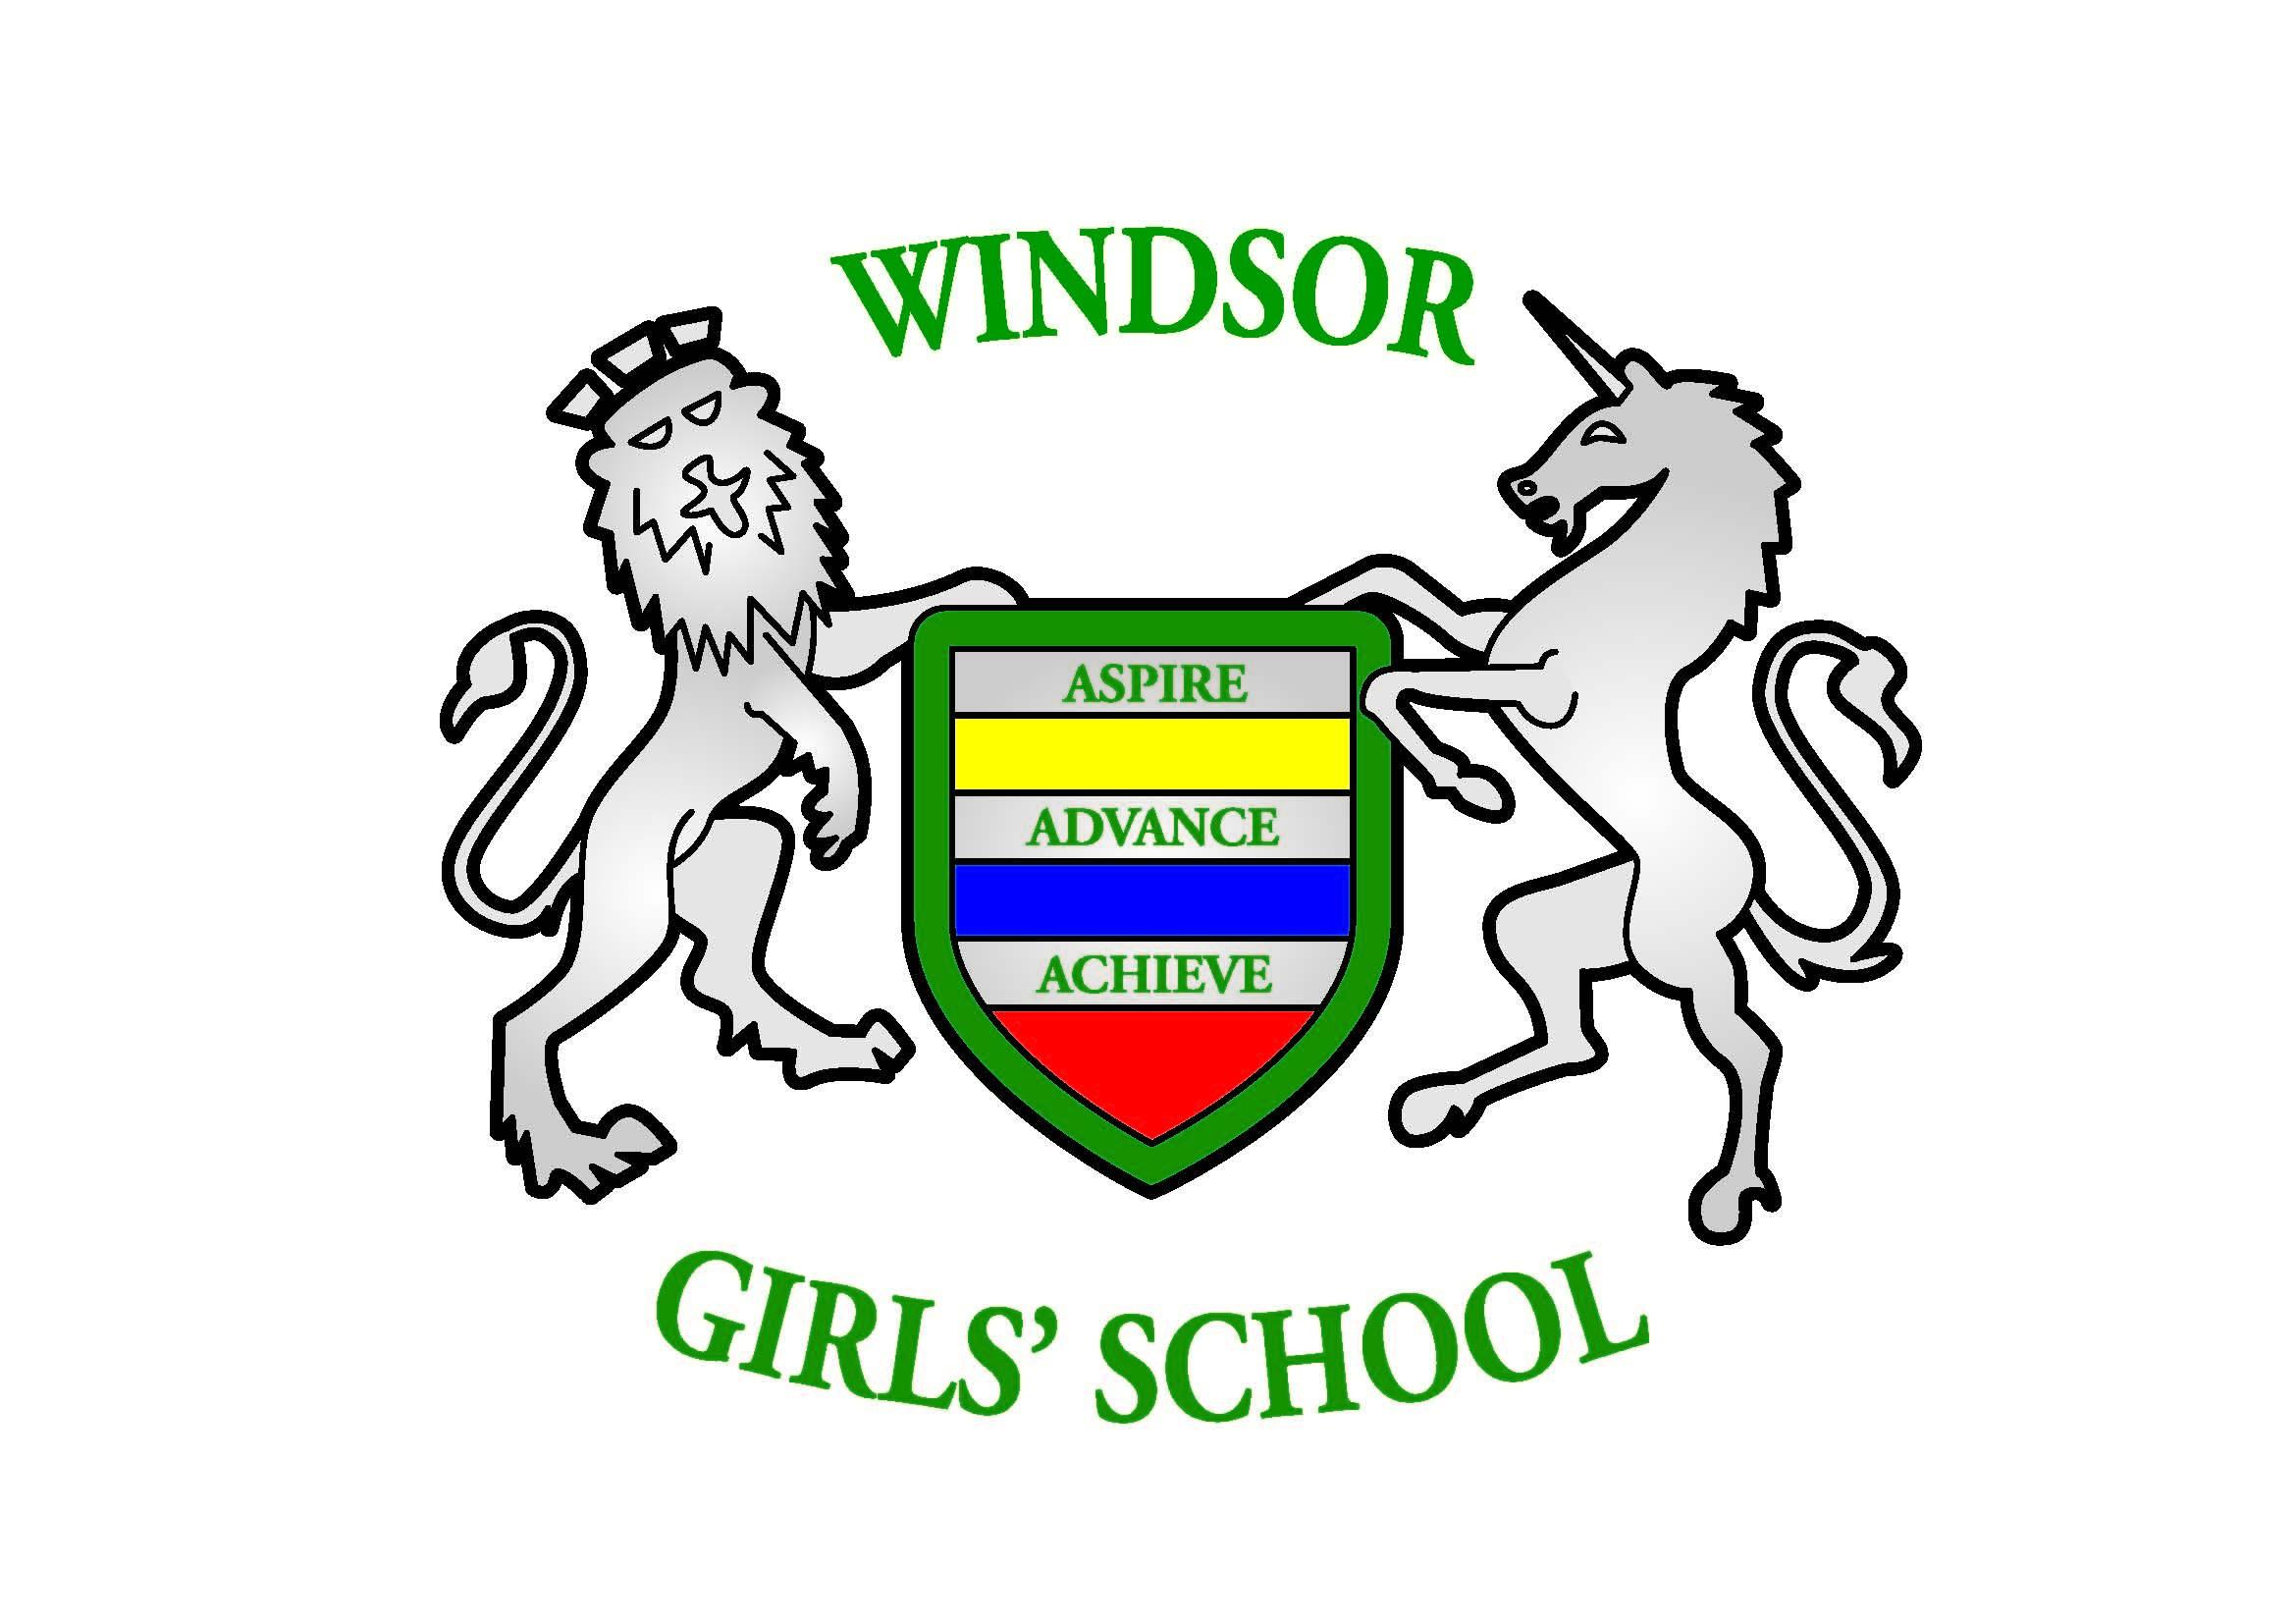 Windsor Girls' School